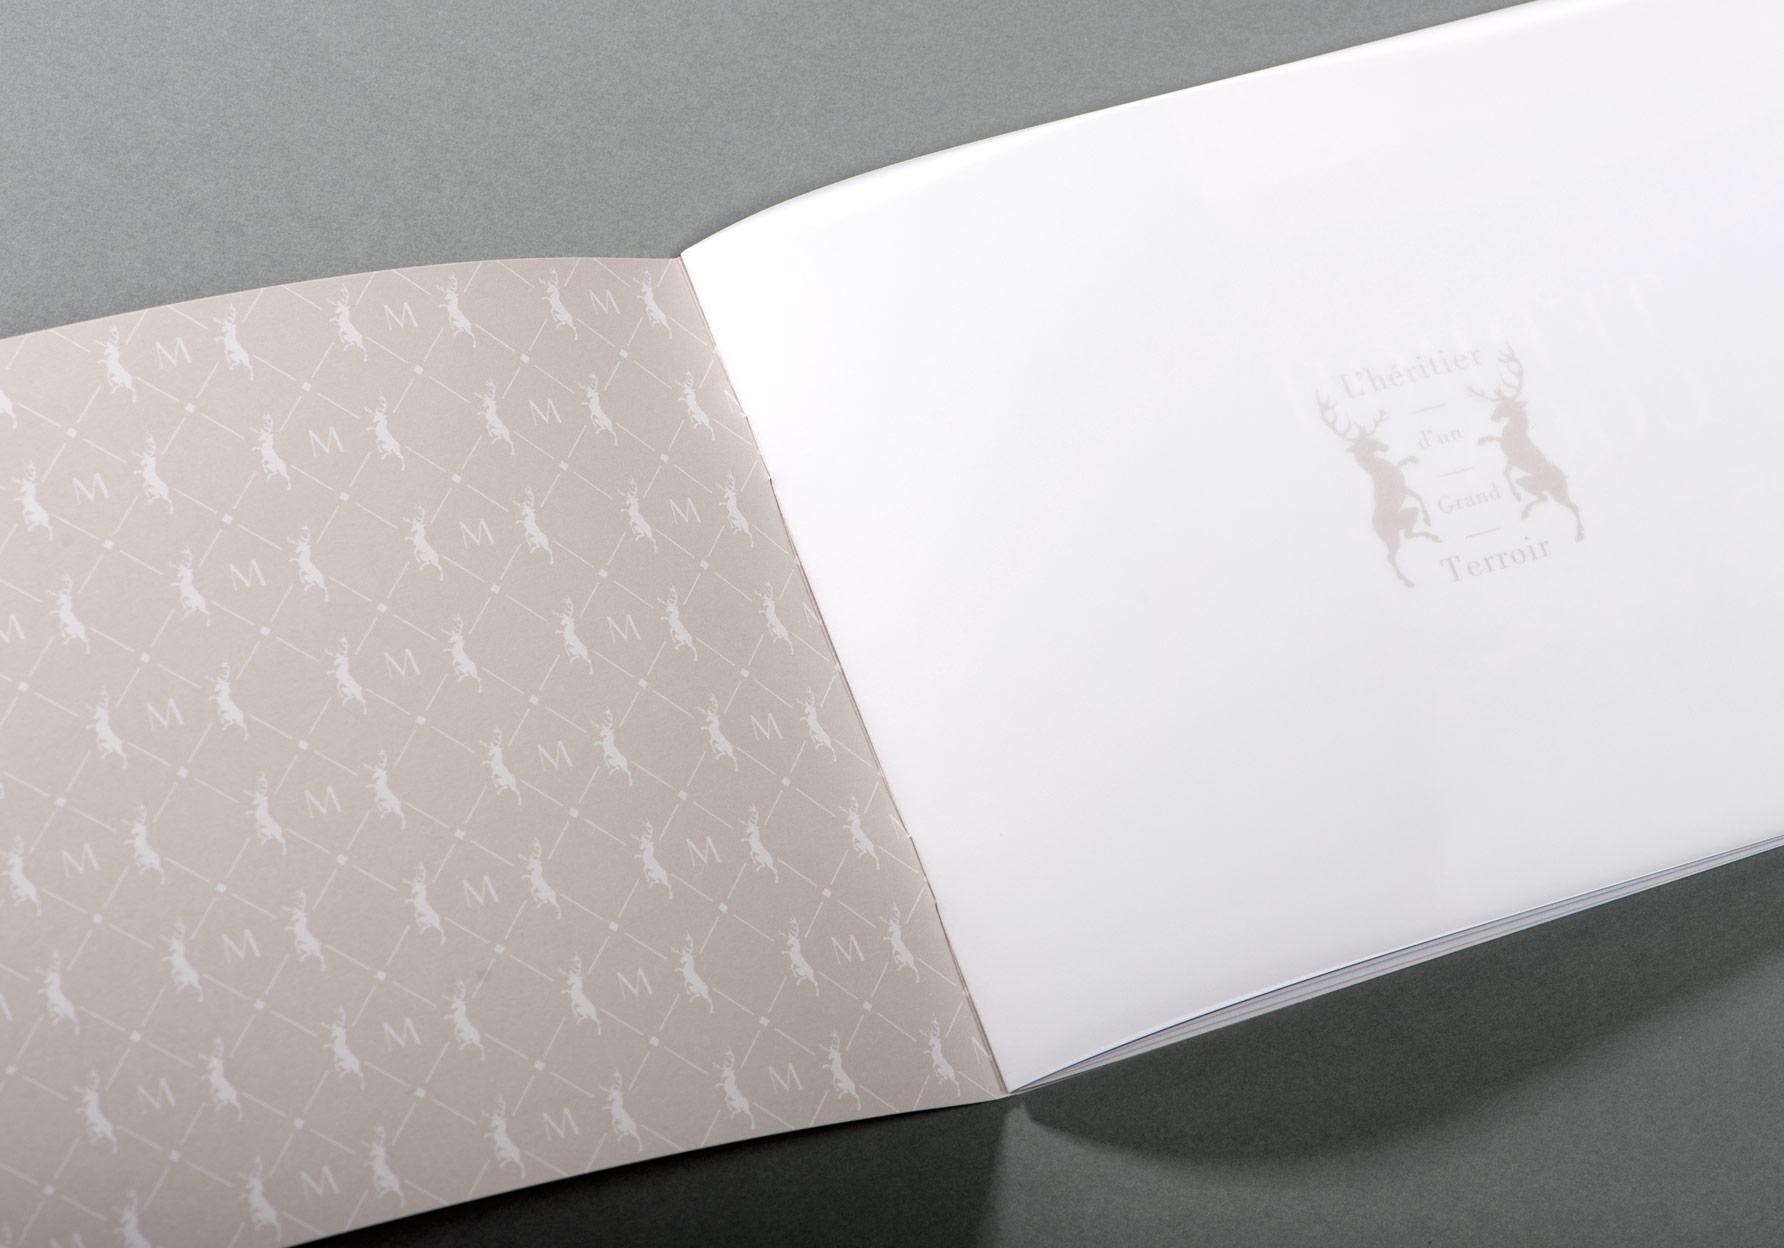 Marc_brochure02